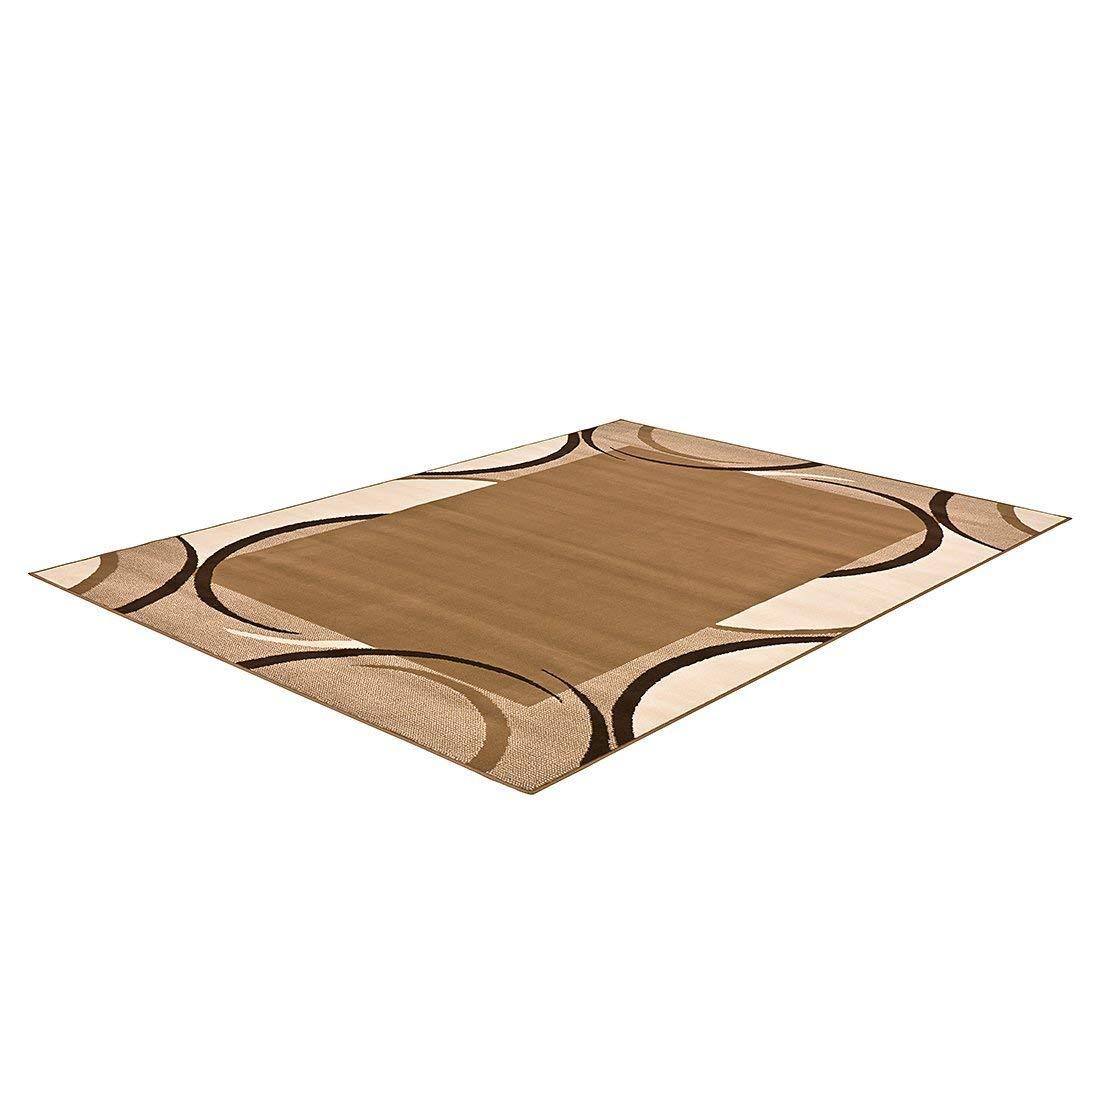 Design Velours Teppich Jolie beige   braun 101094, Größe Größe Größe 160 x 230 cm B007LKLURY Teppiche 6f2d49